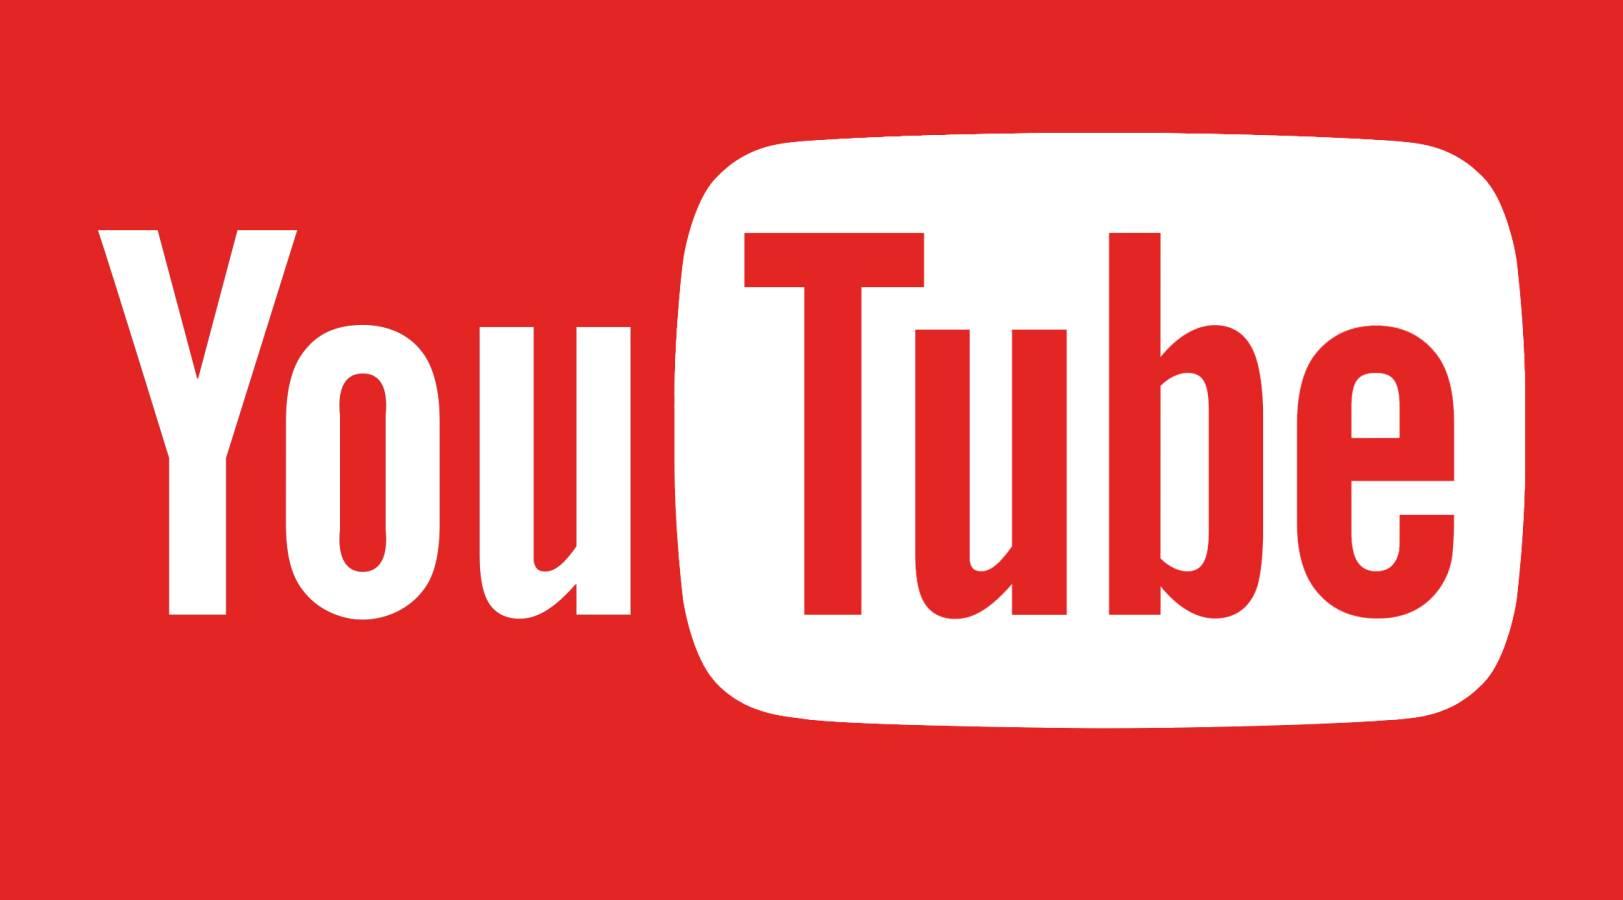 YouTube Actualizarea si Schimbarile pentru Telefoane, Tablete